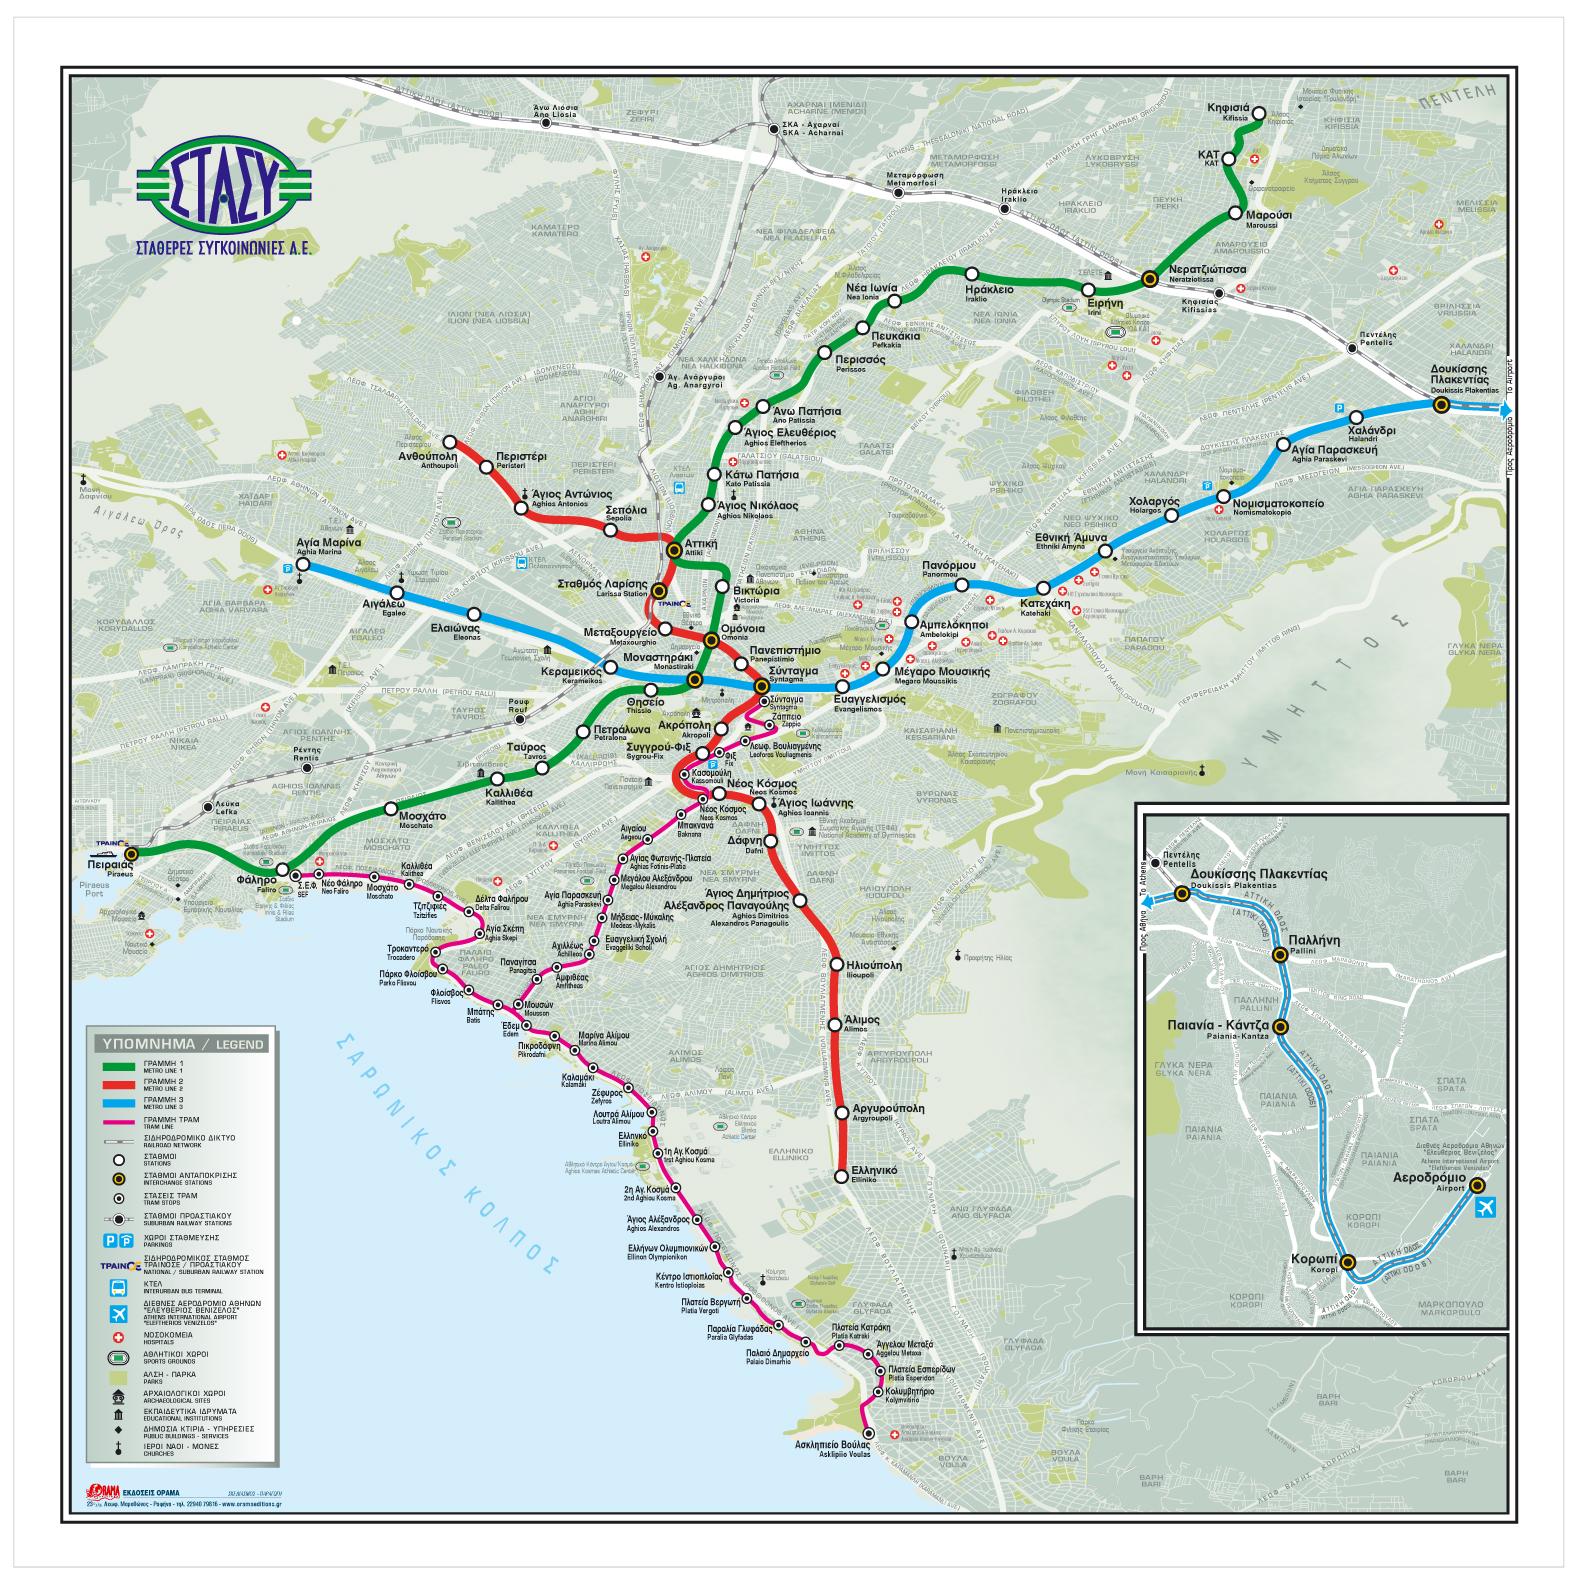 ΜΕΤΡΟ χάρτης ΔΙΚΤΥΟΥ_ΤΕΛΙΚΟΣ_29-5-2013